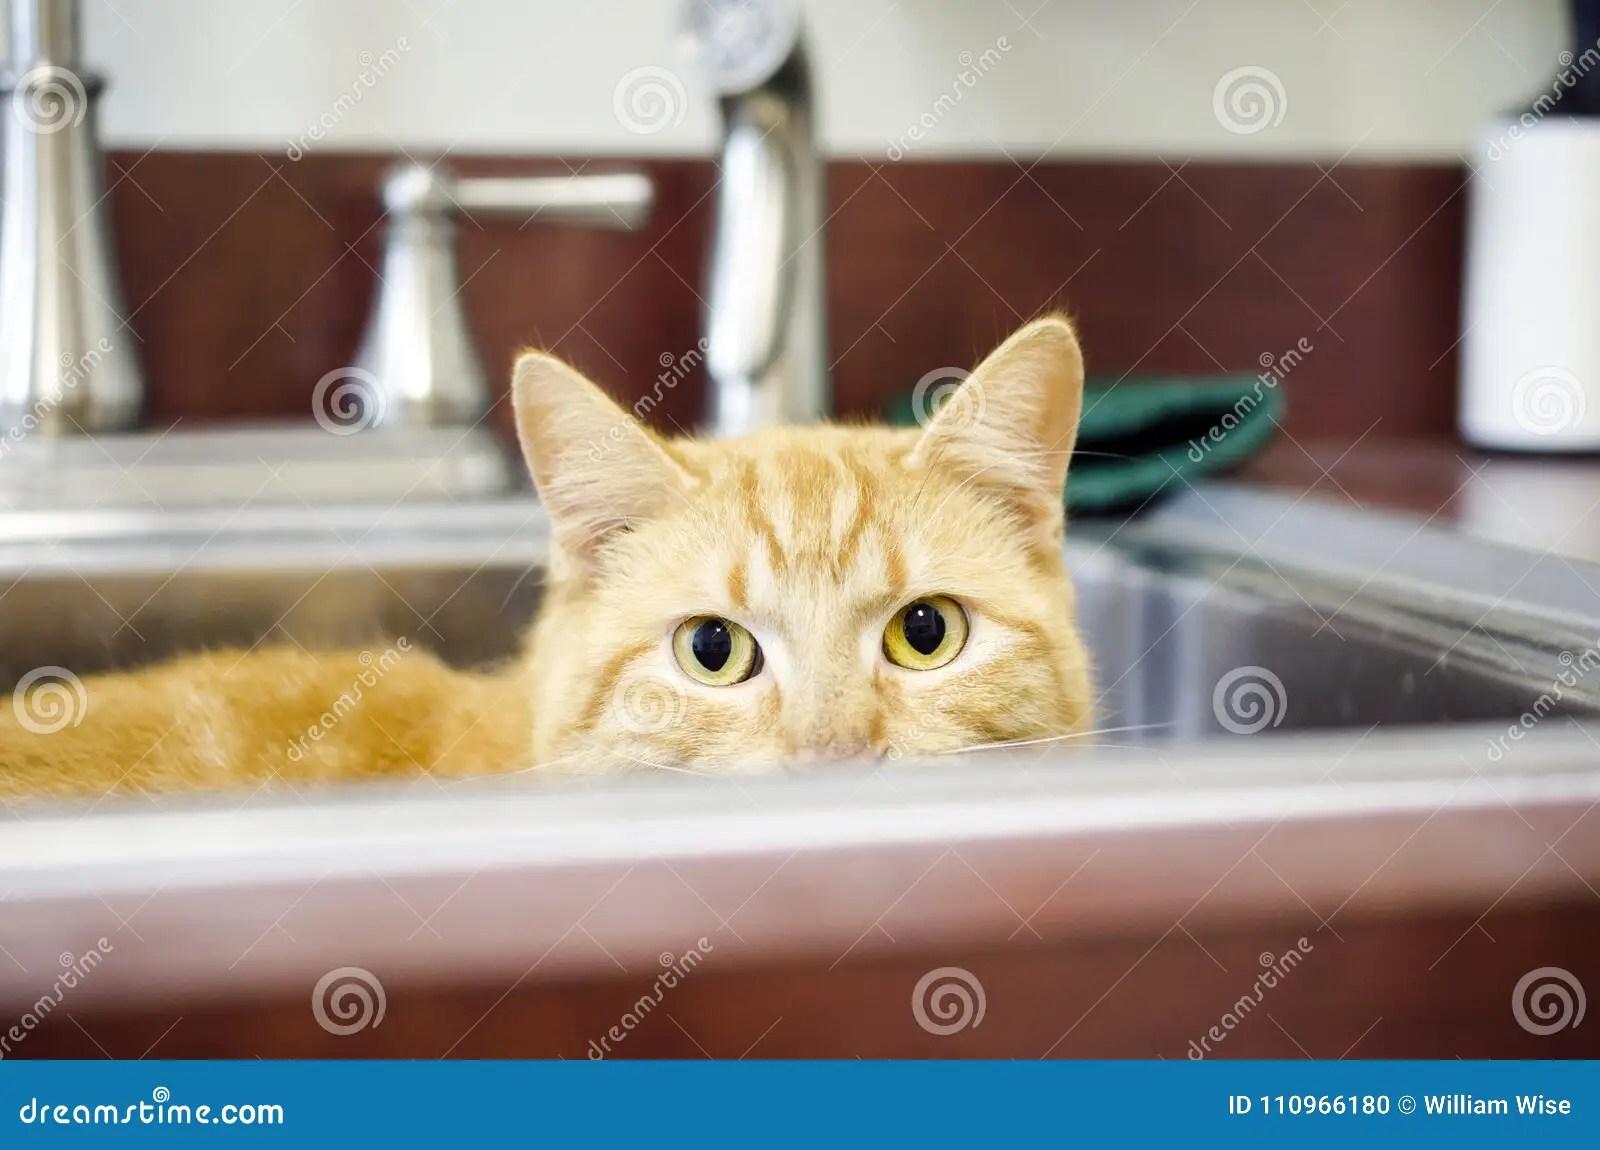 rohl kitchen sinks fixtures lowes 掩藏在厨房水槽的橙色汤姆猫库存照片 图片包括有全部赌注 人道 采用 掩藏在厨房水槽的橙色汤姆猫